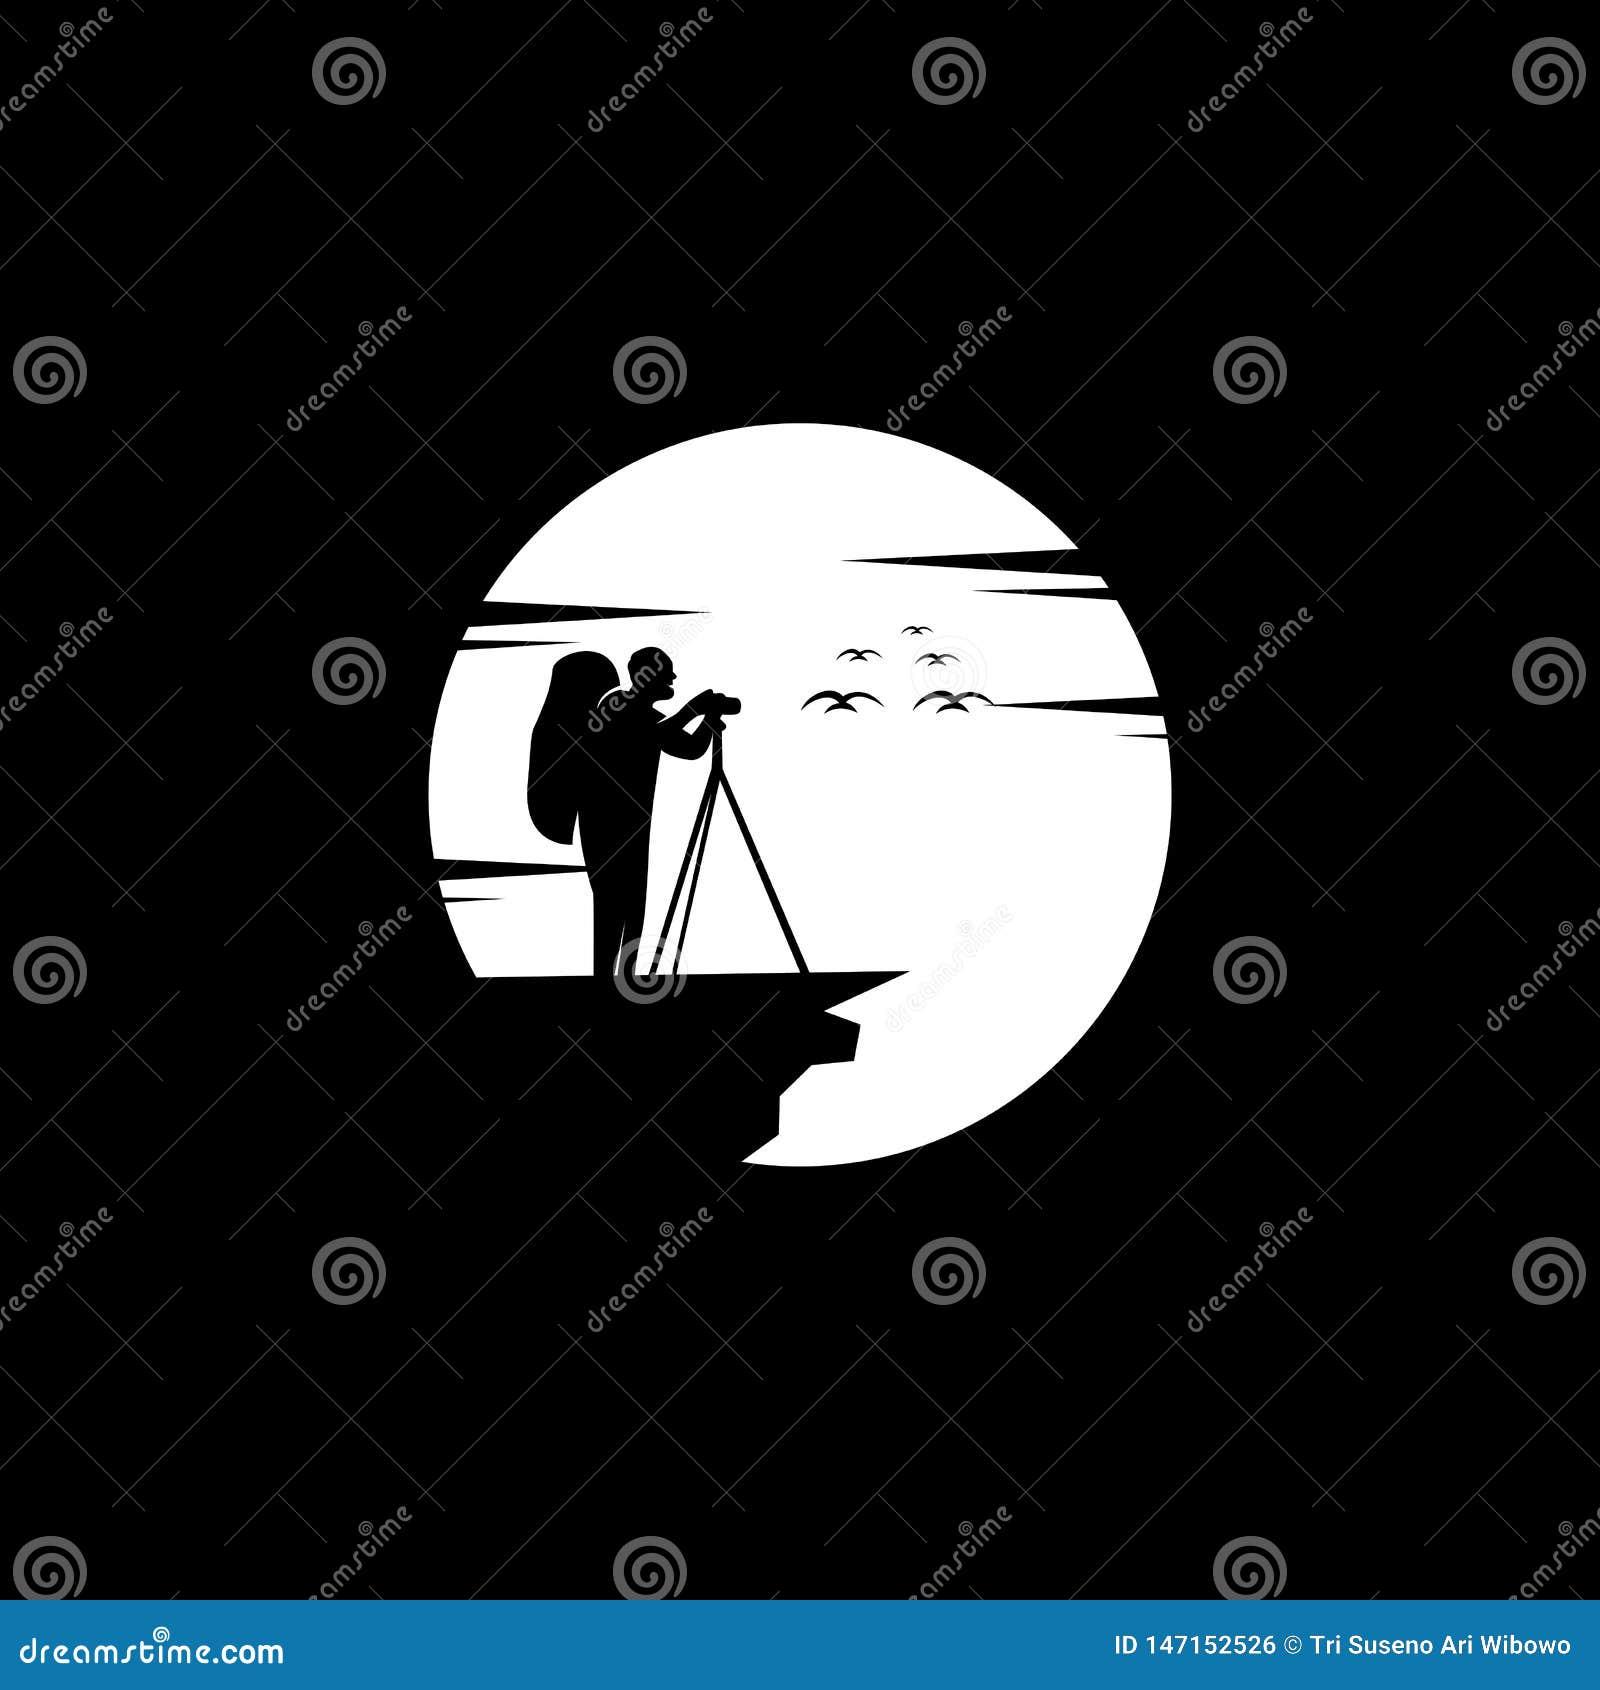 Conception de logo de photographie, vecteur, illustration